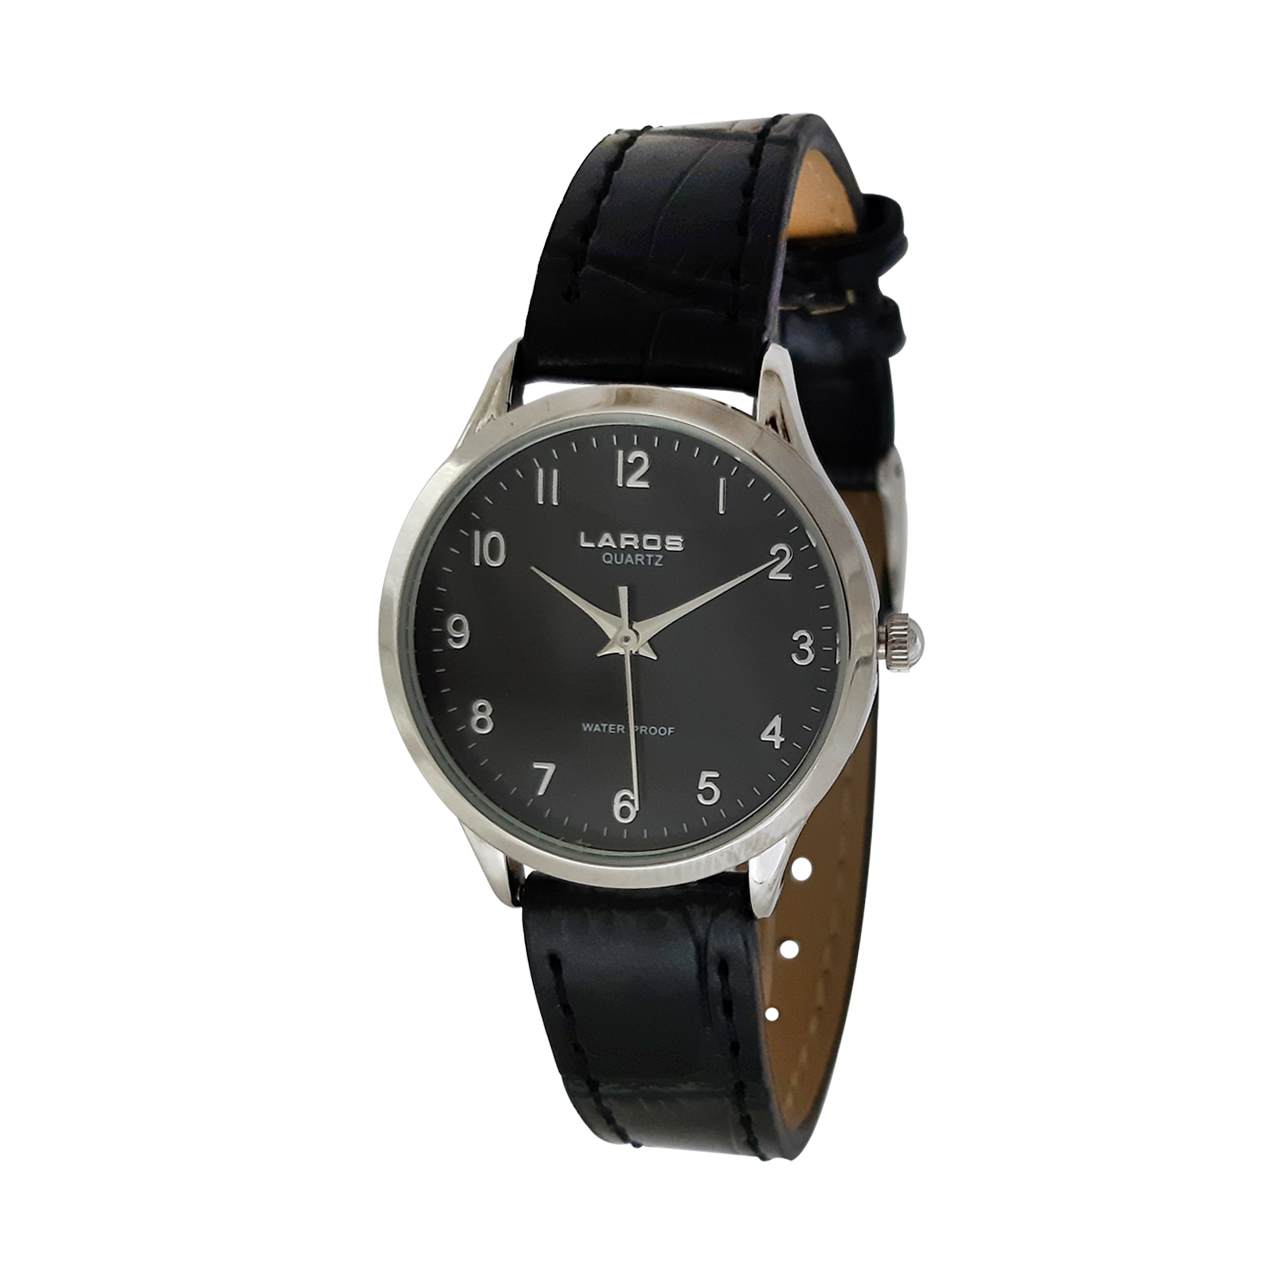 ساعت مچی عقربه ای زنانه لاروس مدل 0118-80206-s به همراه دستمال مخصوص برند کلین واچ 53